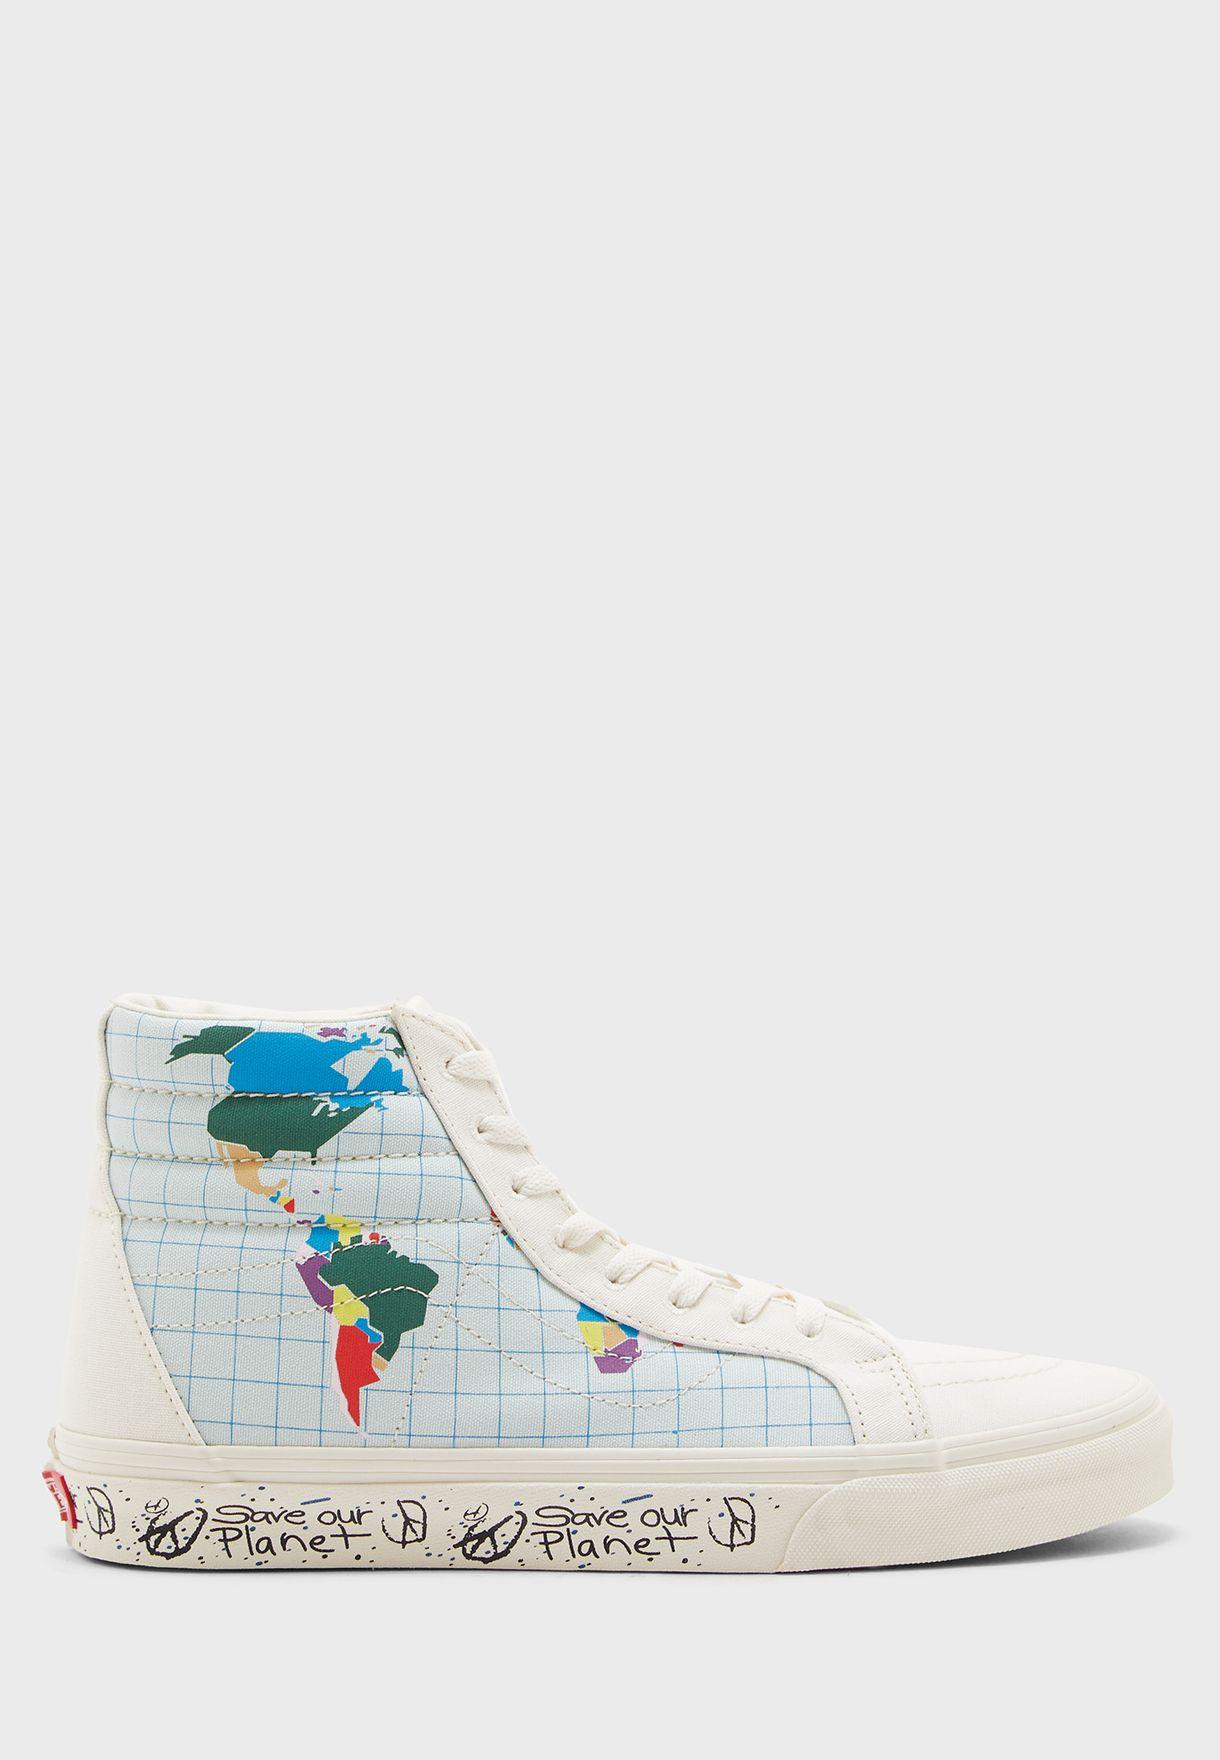 حذاء من مجموعة انقذ كوكبنا (Save Our Planet)